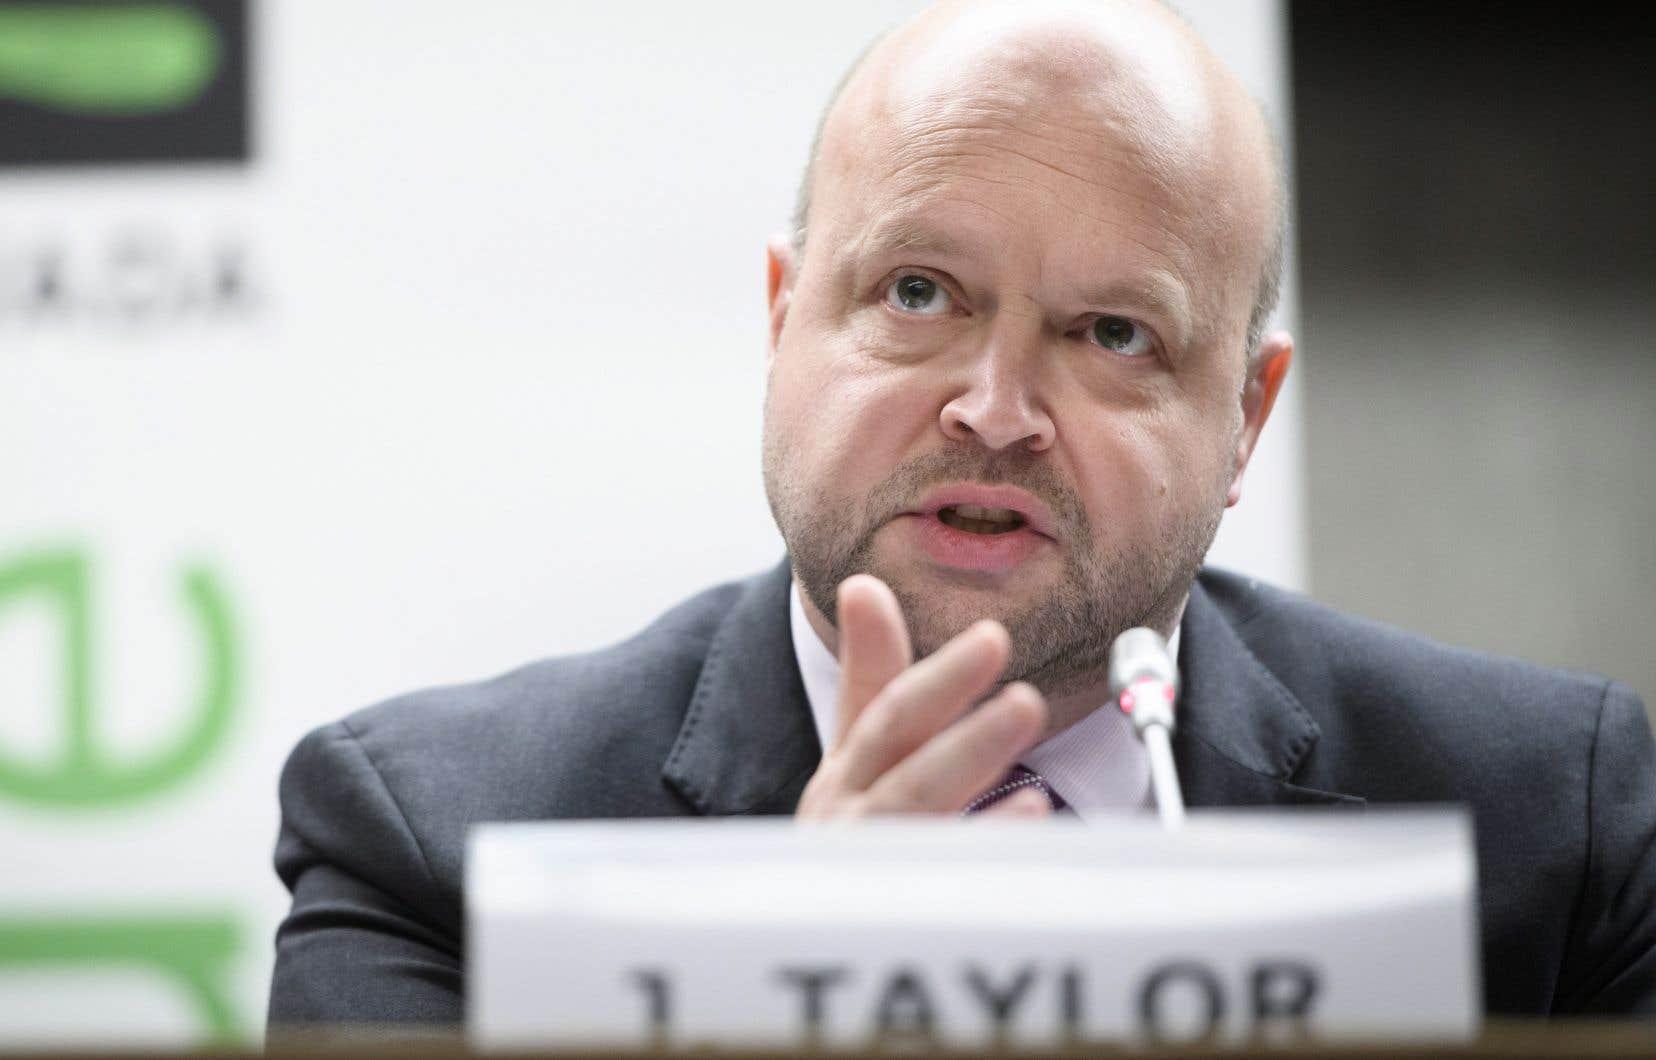 La décision d'interdire le drapeau, l'hymne national et le nom de la Russie des compétitions sportives internationales « était une décision appropriée dans les circonstances », selon l'avocat de l'AMA, Jonathan Taylor.